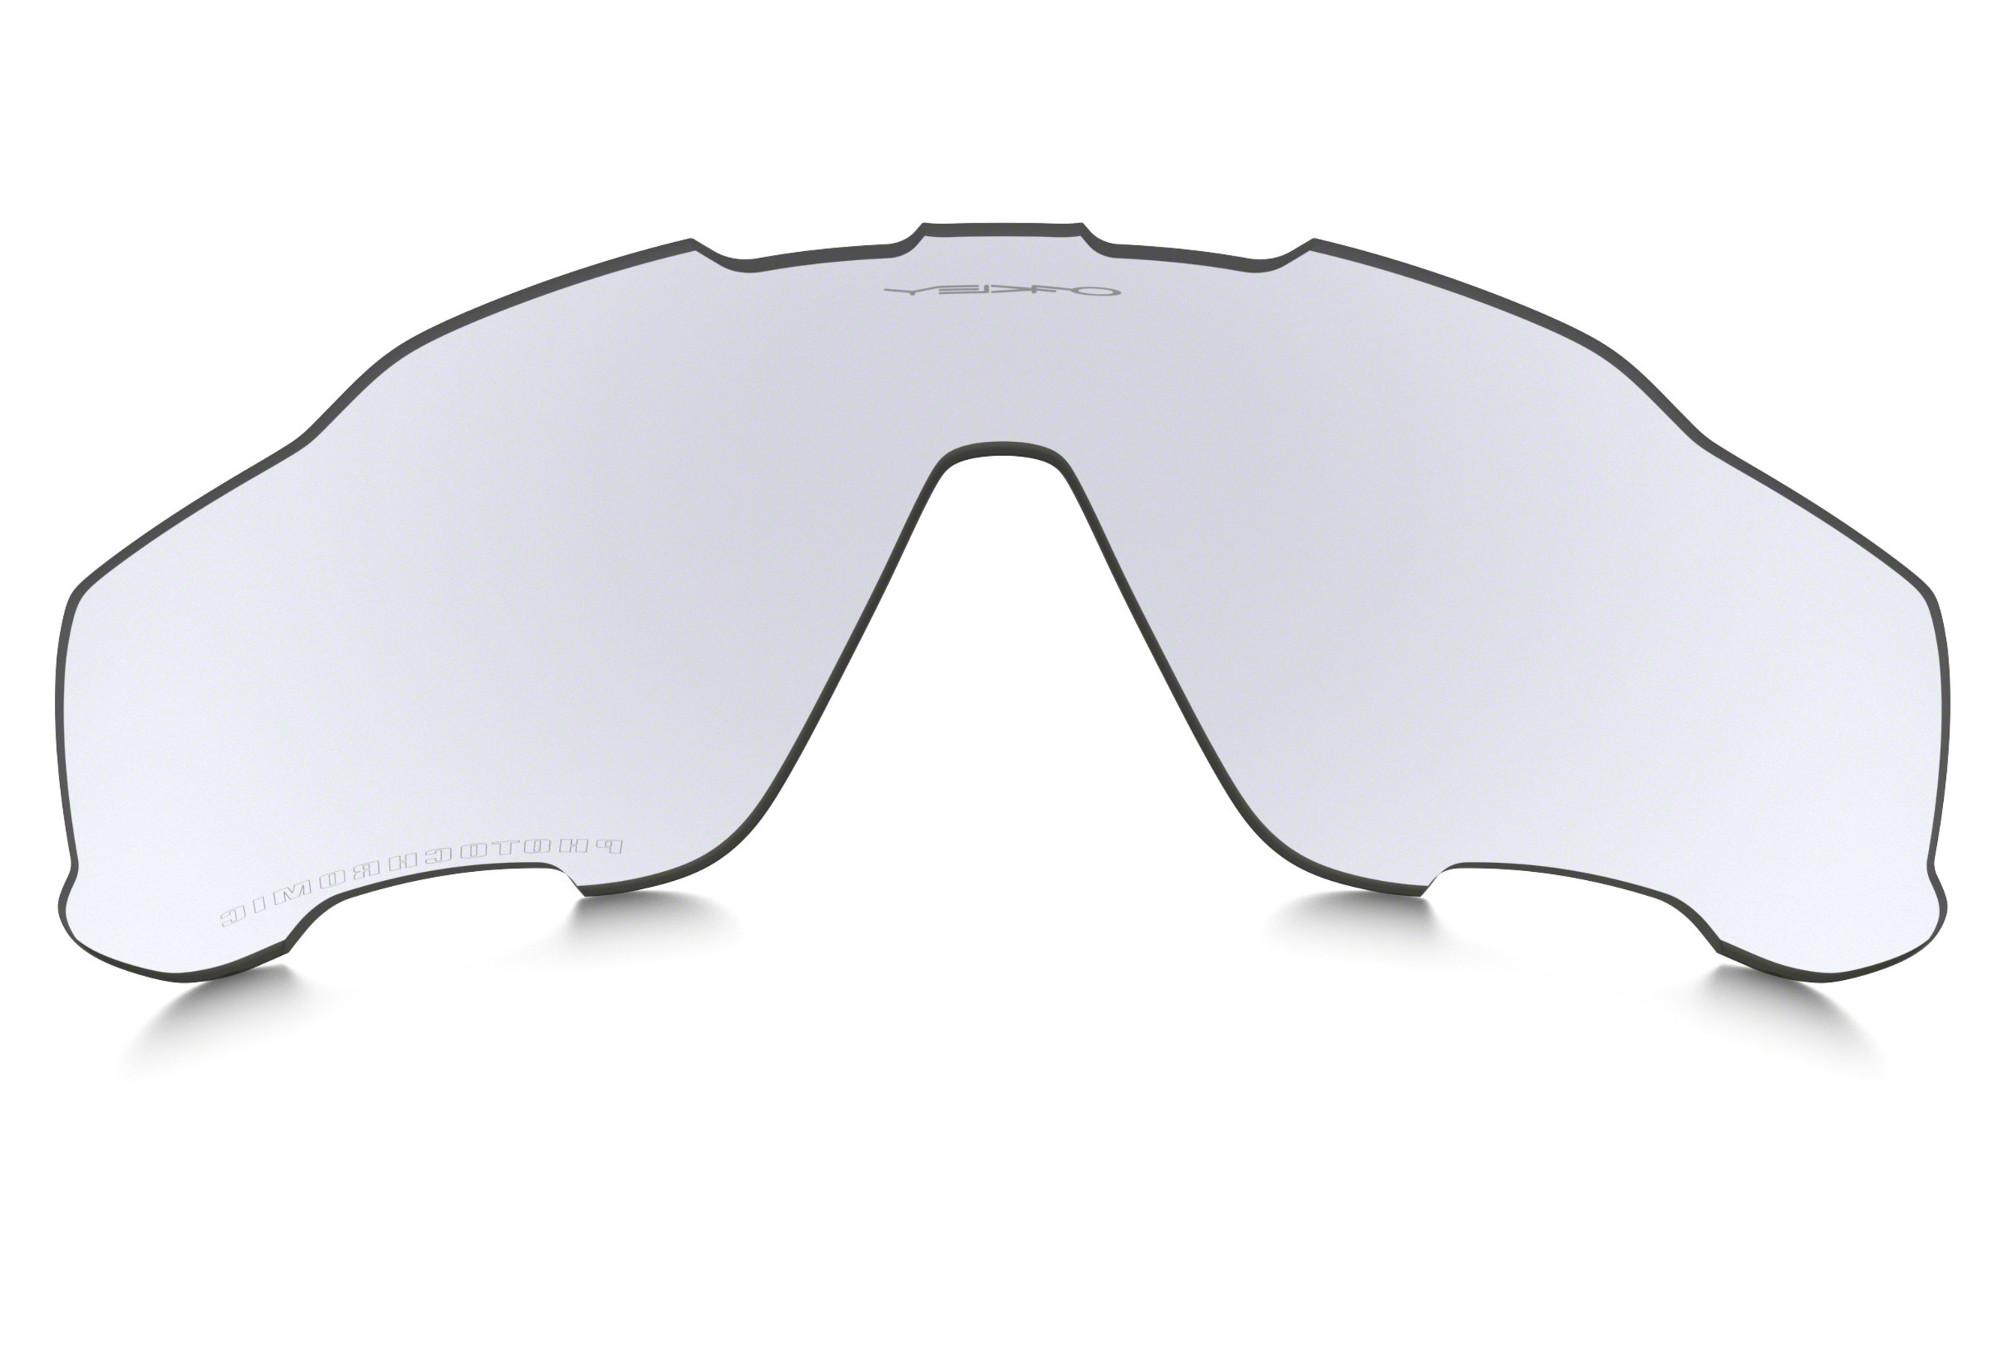 oakley jawbreaker photochromic lense